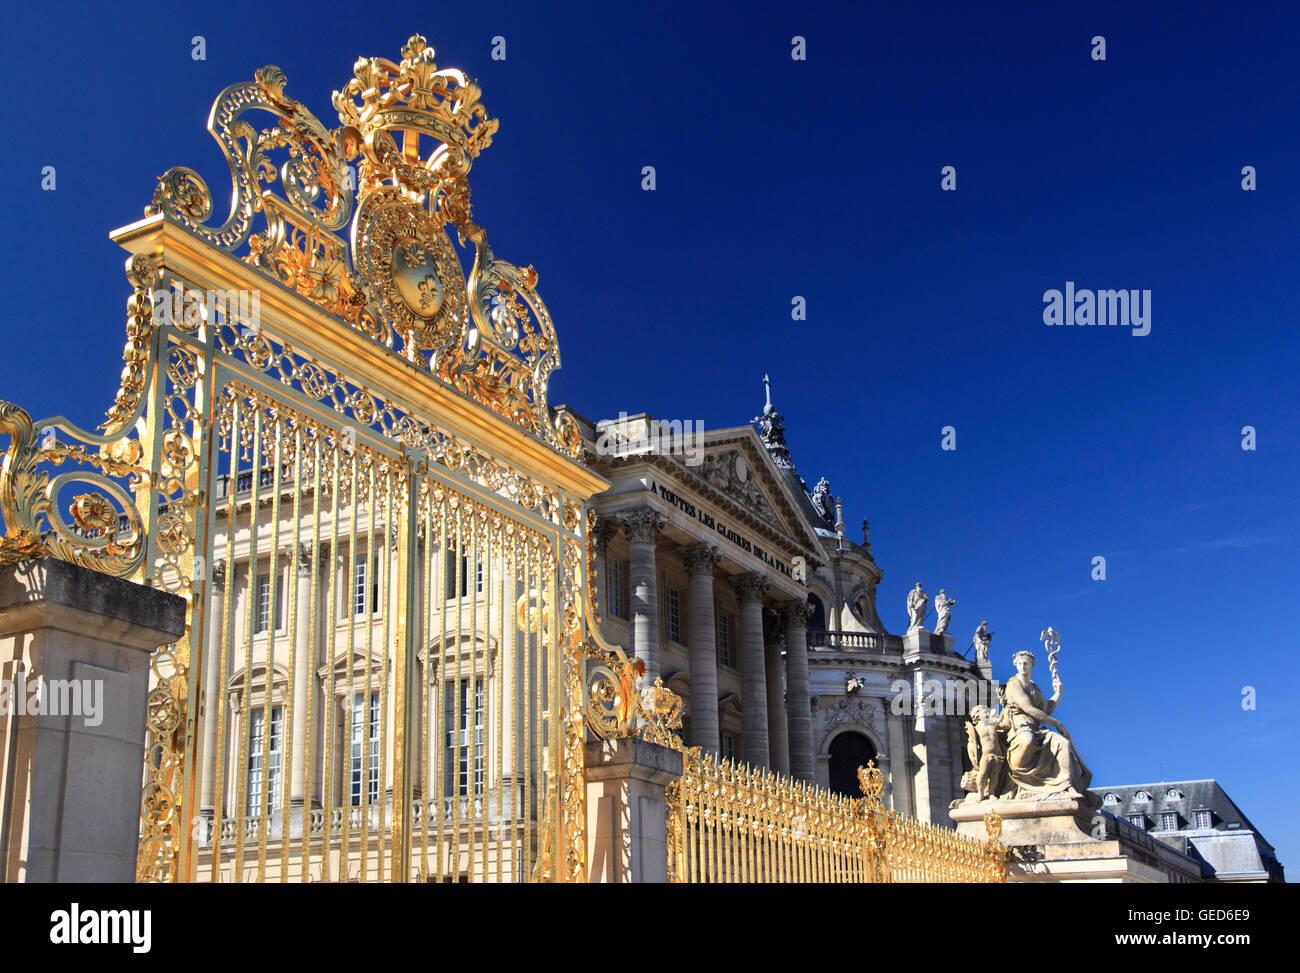 Das Tor der Ehre, Schloss Versailles, Frankreich, Europa Stockbild